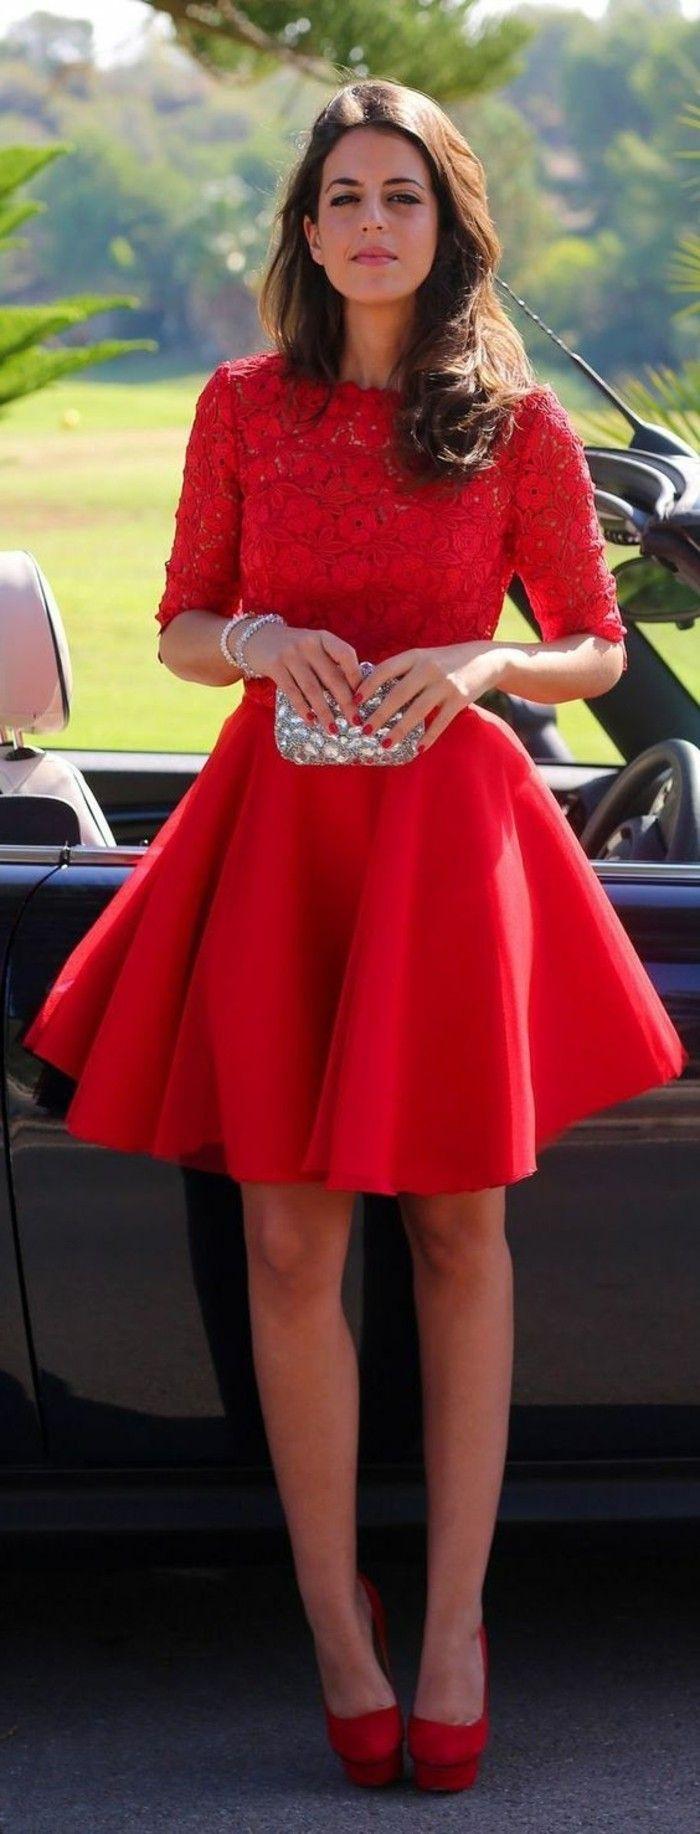 17 Einfach Rotes Kleid Mit Spitze DesignFormal Luxus Rotes Kleid Mit Spitze Spezialgebiet